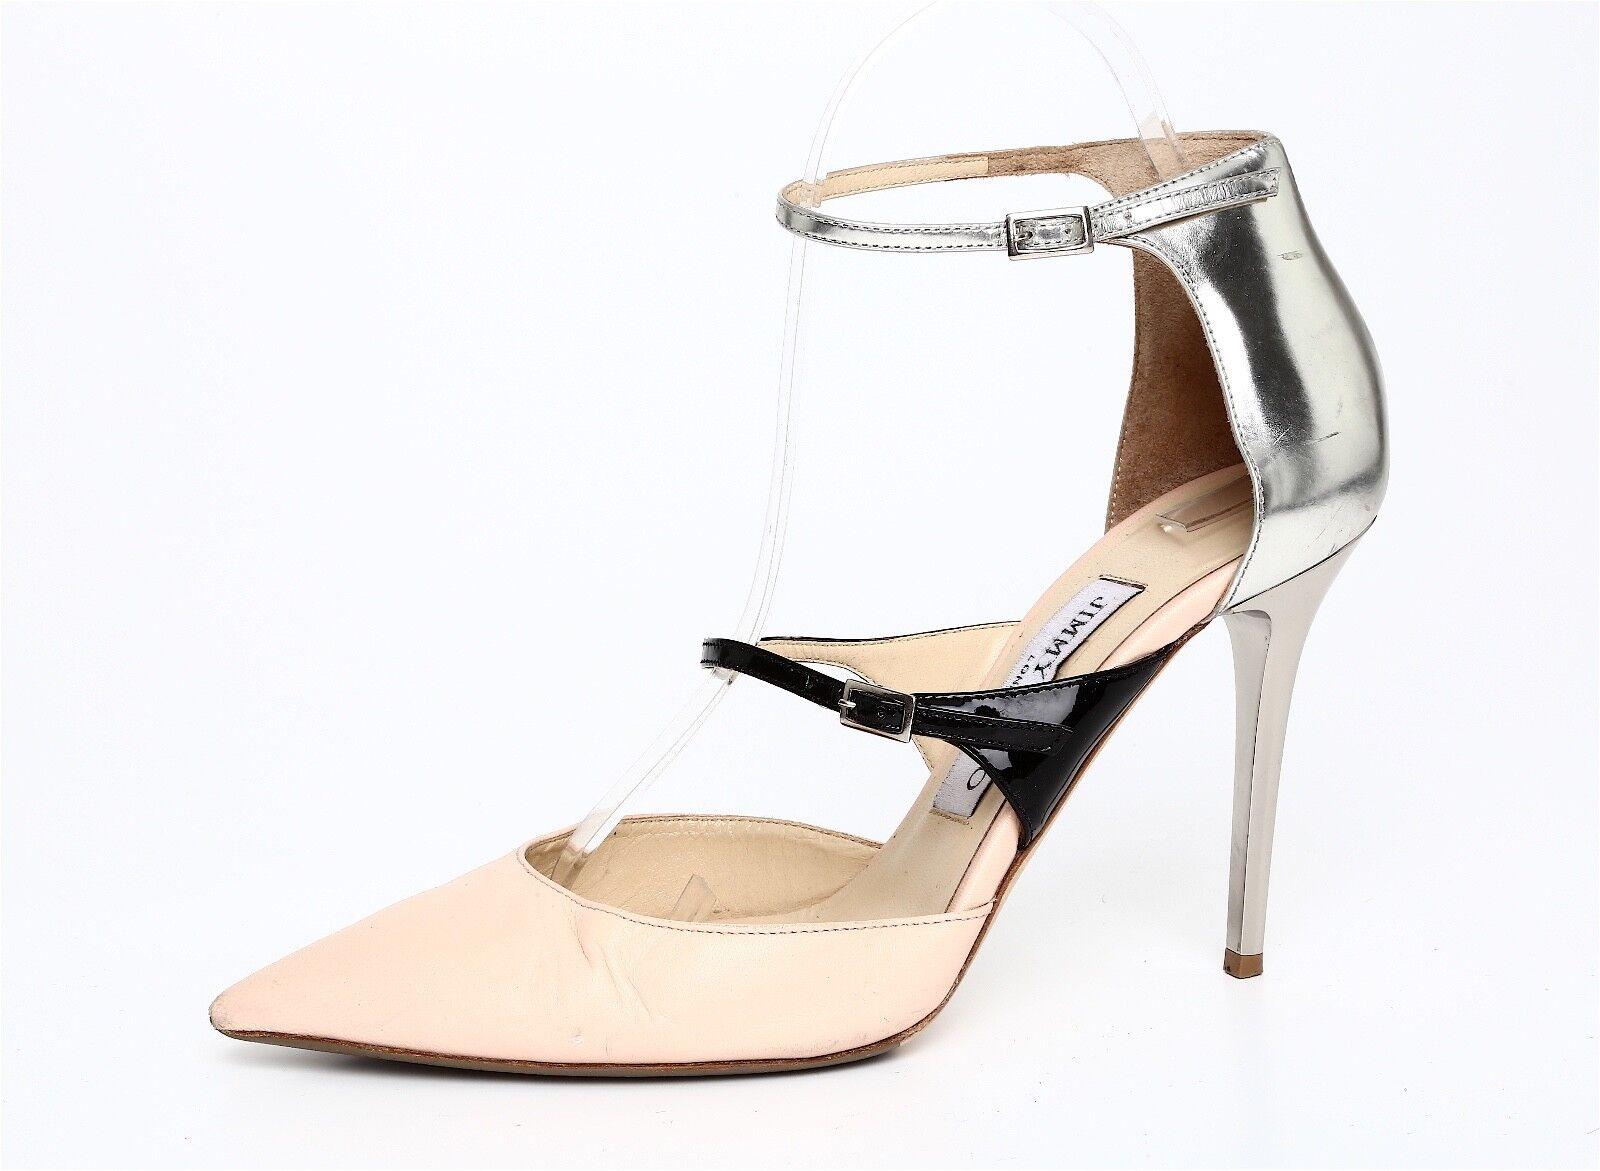 per il tuo stile di gioco ai prezzi più bassi Jimmy Jimmy Jimmy Choo Pointed Toe Beige Leather Heel Sz 36.5 EUR 1032  marca